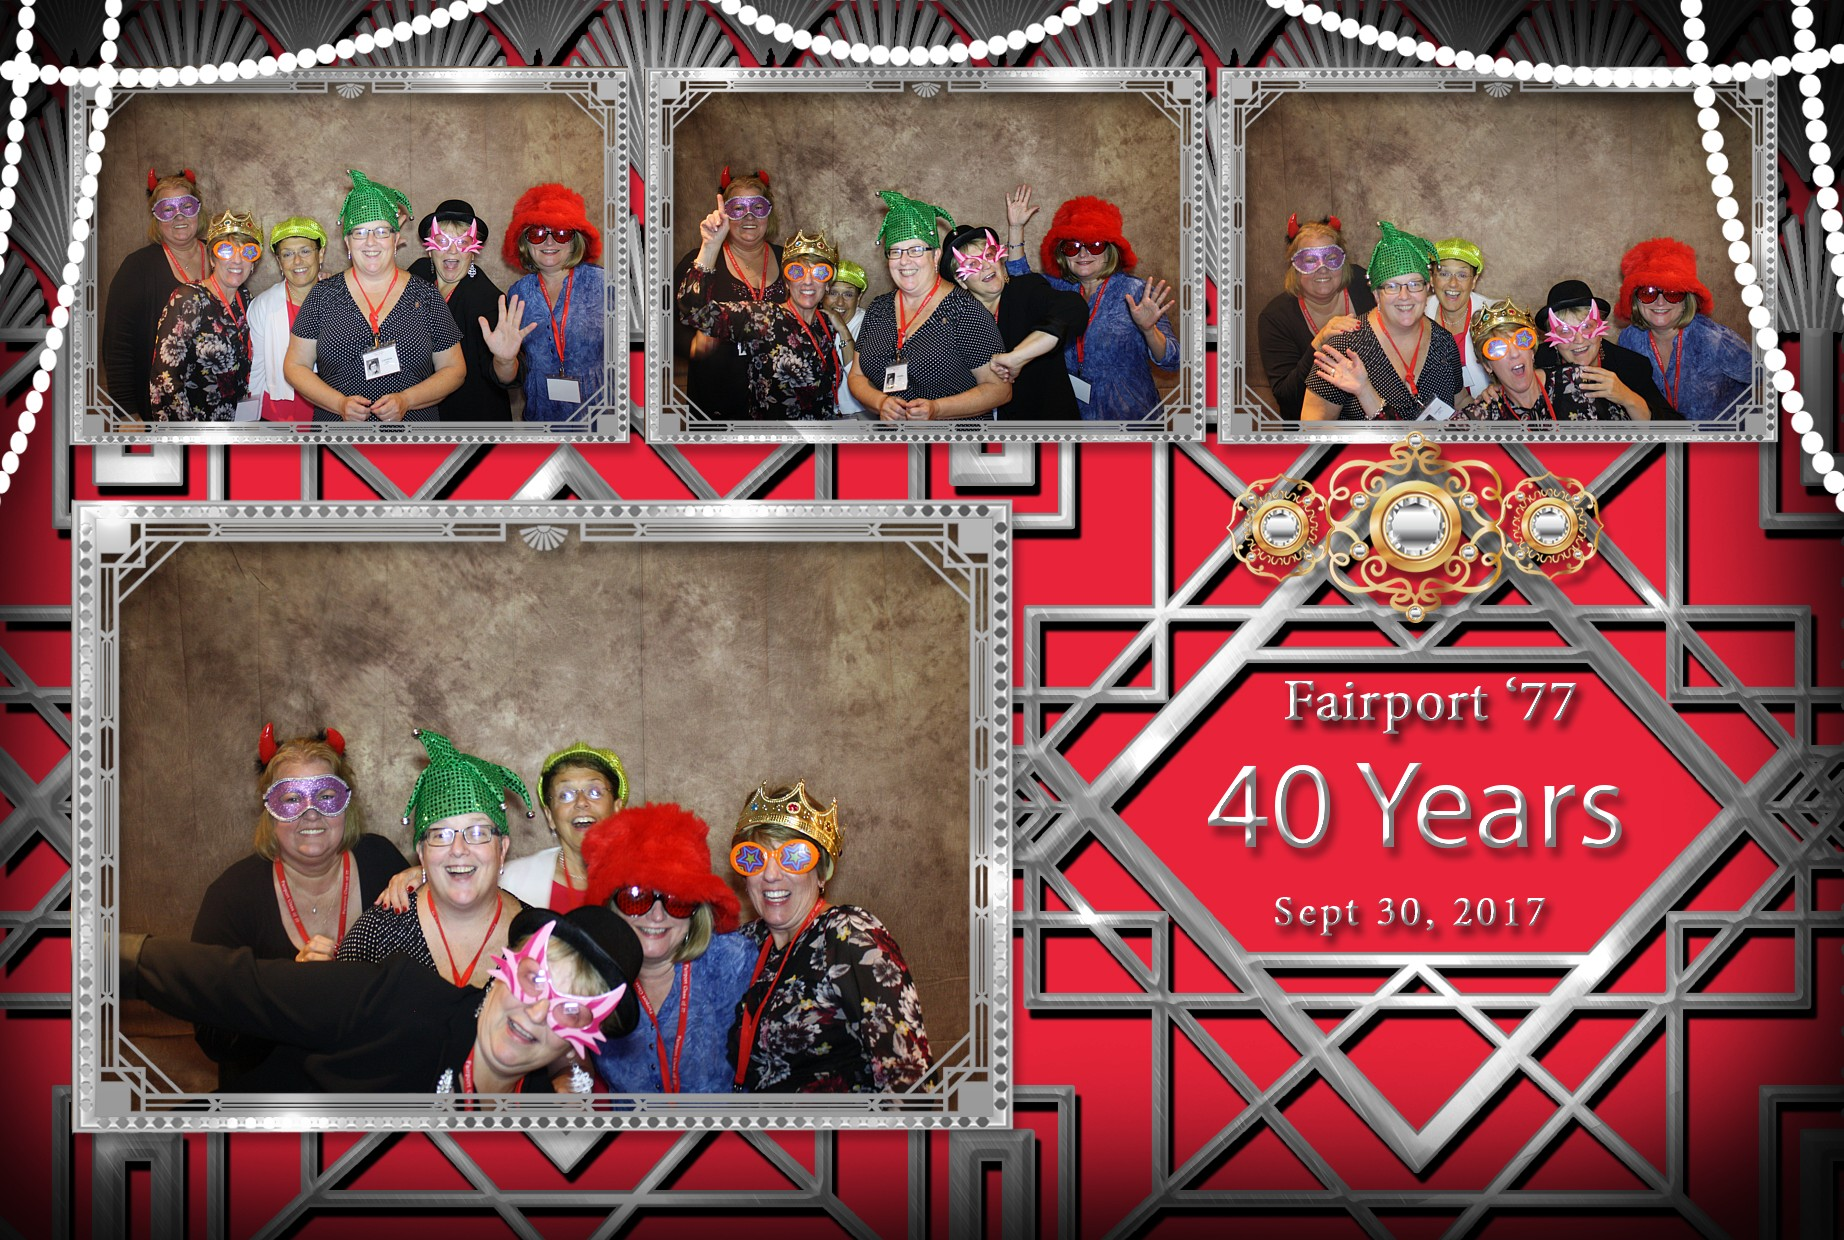 09-30-17 Fairport 77 Reunion  (5).jpg